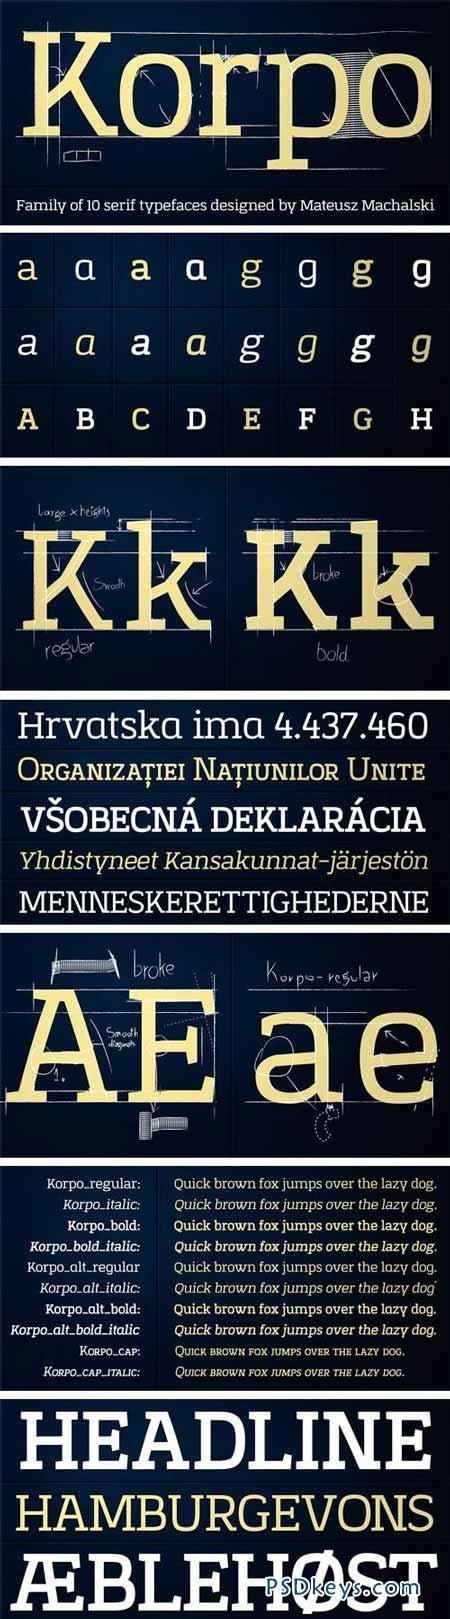 Korpo Serif Font Family - 10 Fonts for $150